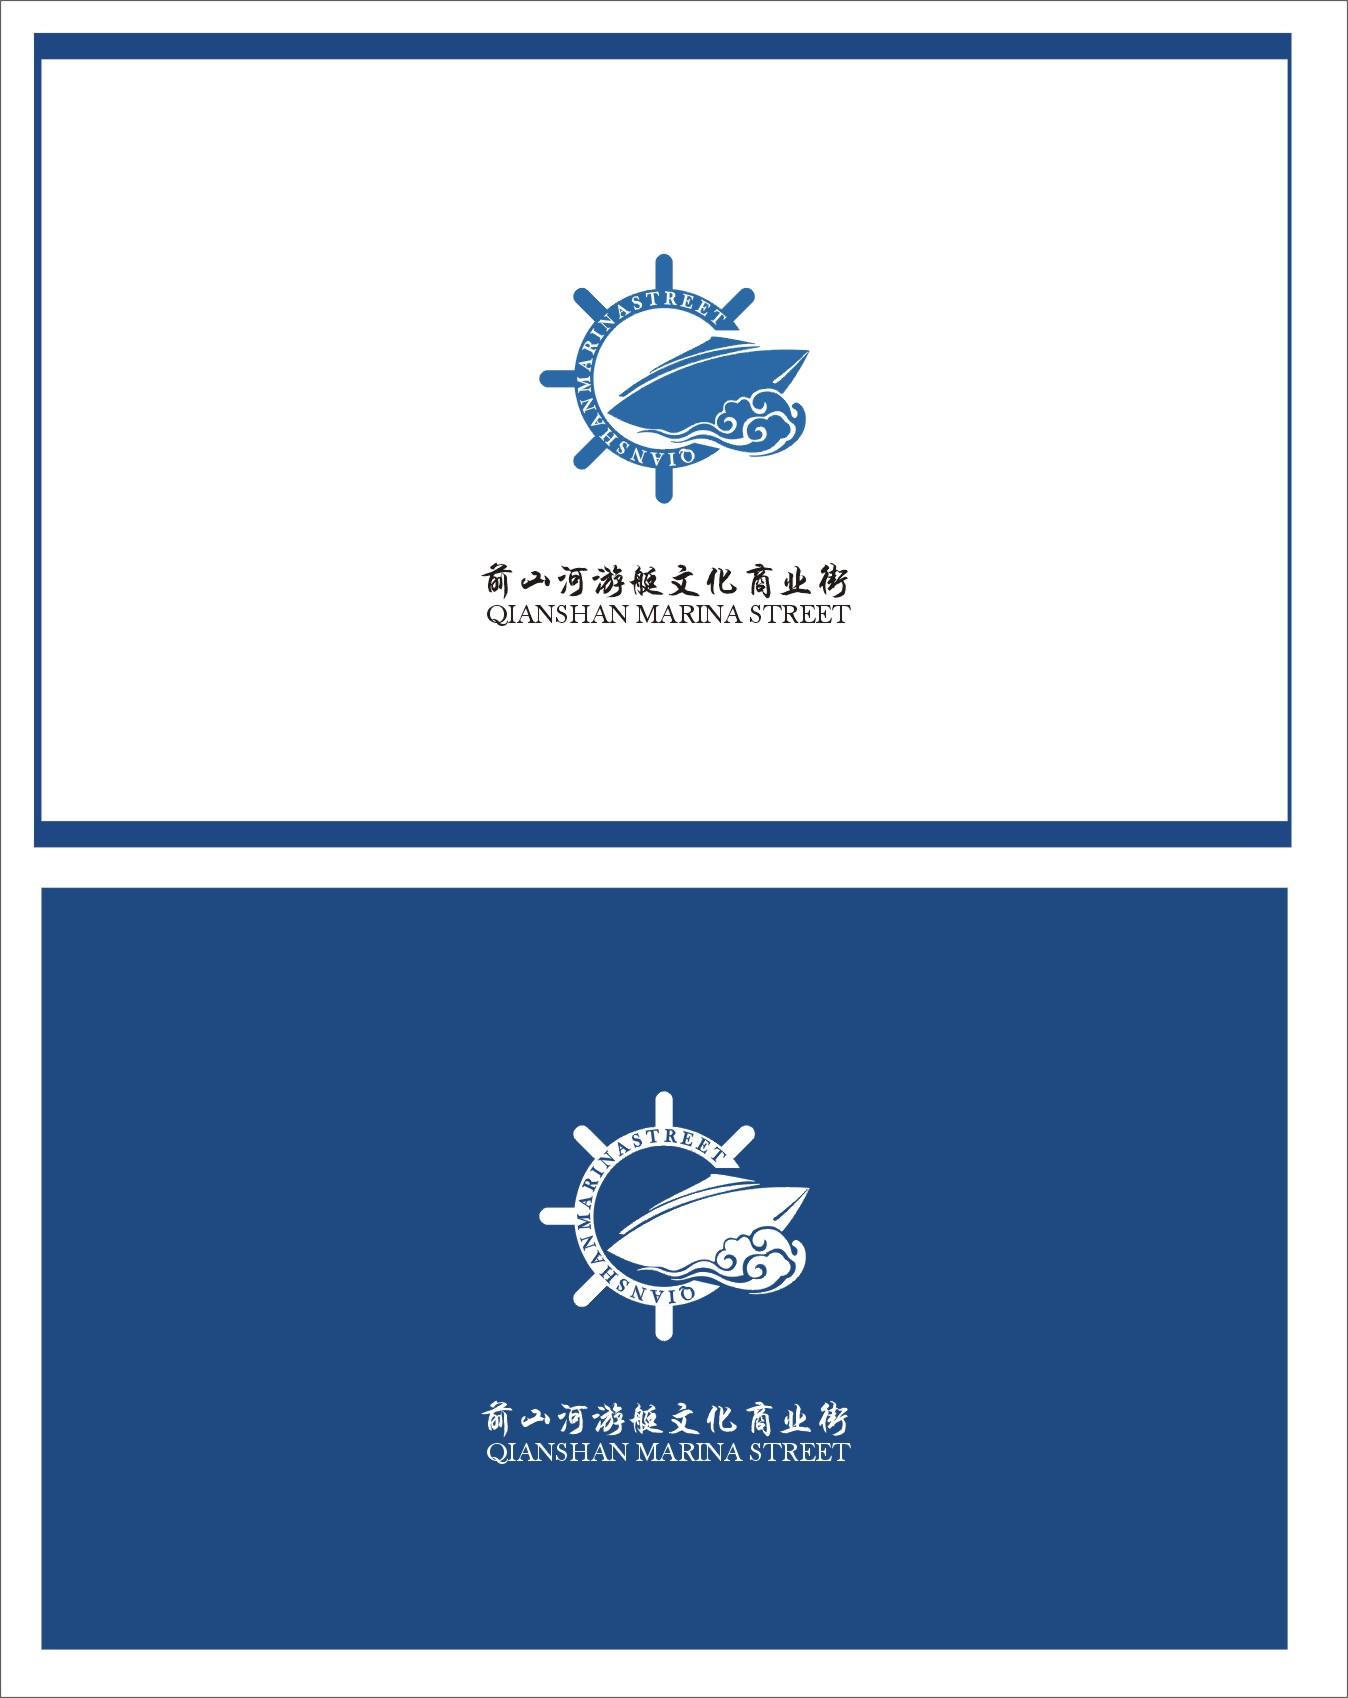 项目中英文名称:前山河游艇文化商业街 Qianshan Marina Street 项目介绍: 前山河是珠海的母亲河,也是珠海市政府斥巨资打造的集旅游、文化、体育功能于一体的城市休闲名片, 南国集团将在此打造具有游艇特色,水岸风情的前山河游艇文化商业街。它将成为珠海城市新名片,旅游新地标和休闲购物的新去处。 游艇文化商业街以游艇俱乐部、码头、游艇销售展示中心为特色,将打造游艇商务休闲、旅游观光、文化艺术和大众水上娱乐四大主题区域。 项目现正隆重招商,欢迎各类游艇展销、餐饮、酒吧、红酒、茶馆、奢侈品、旅游礼